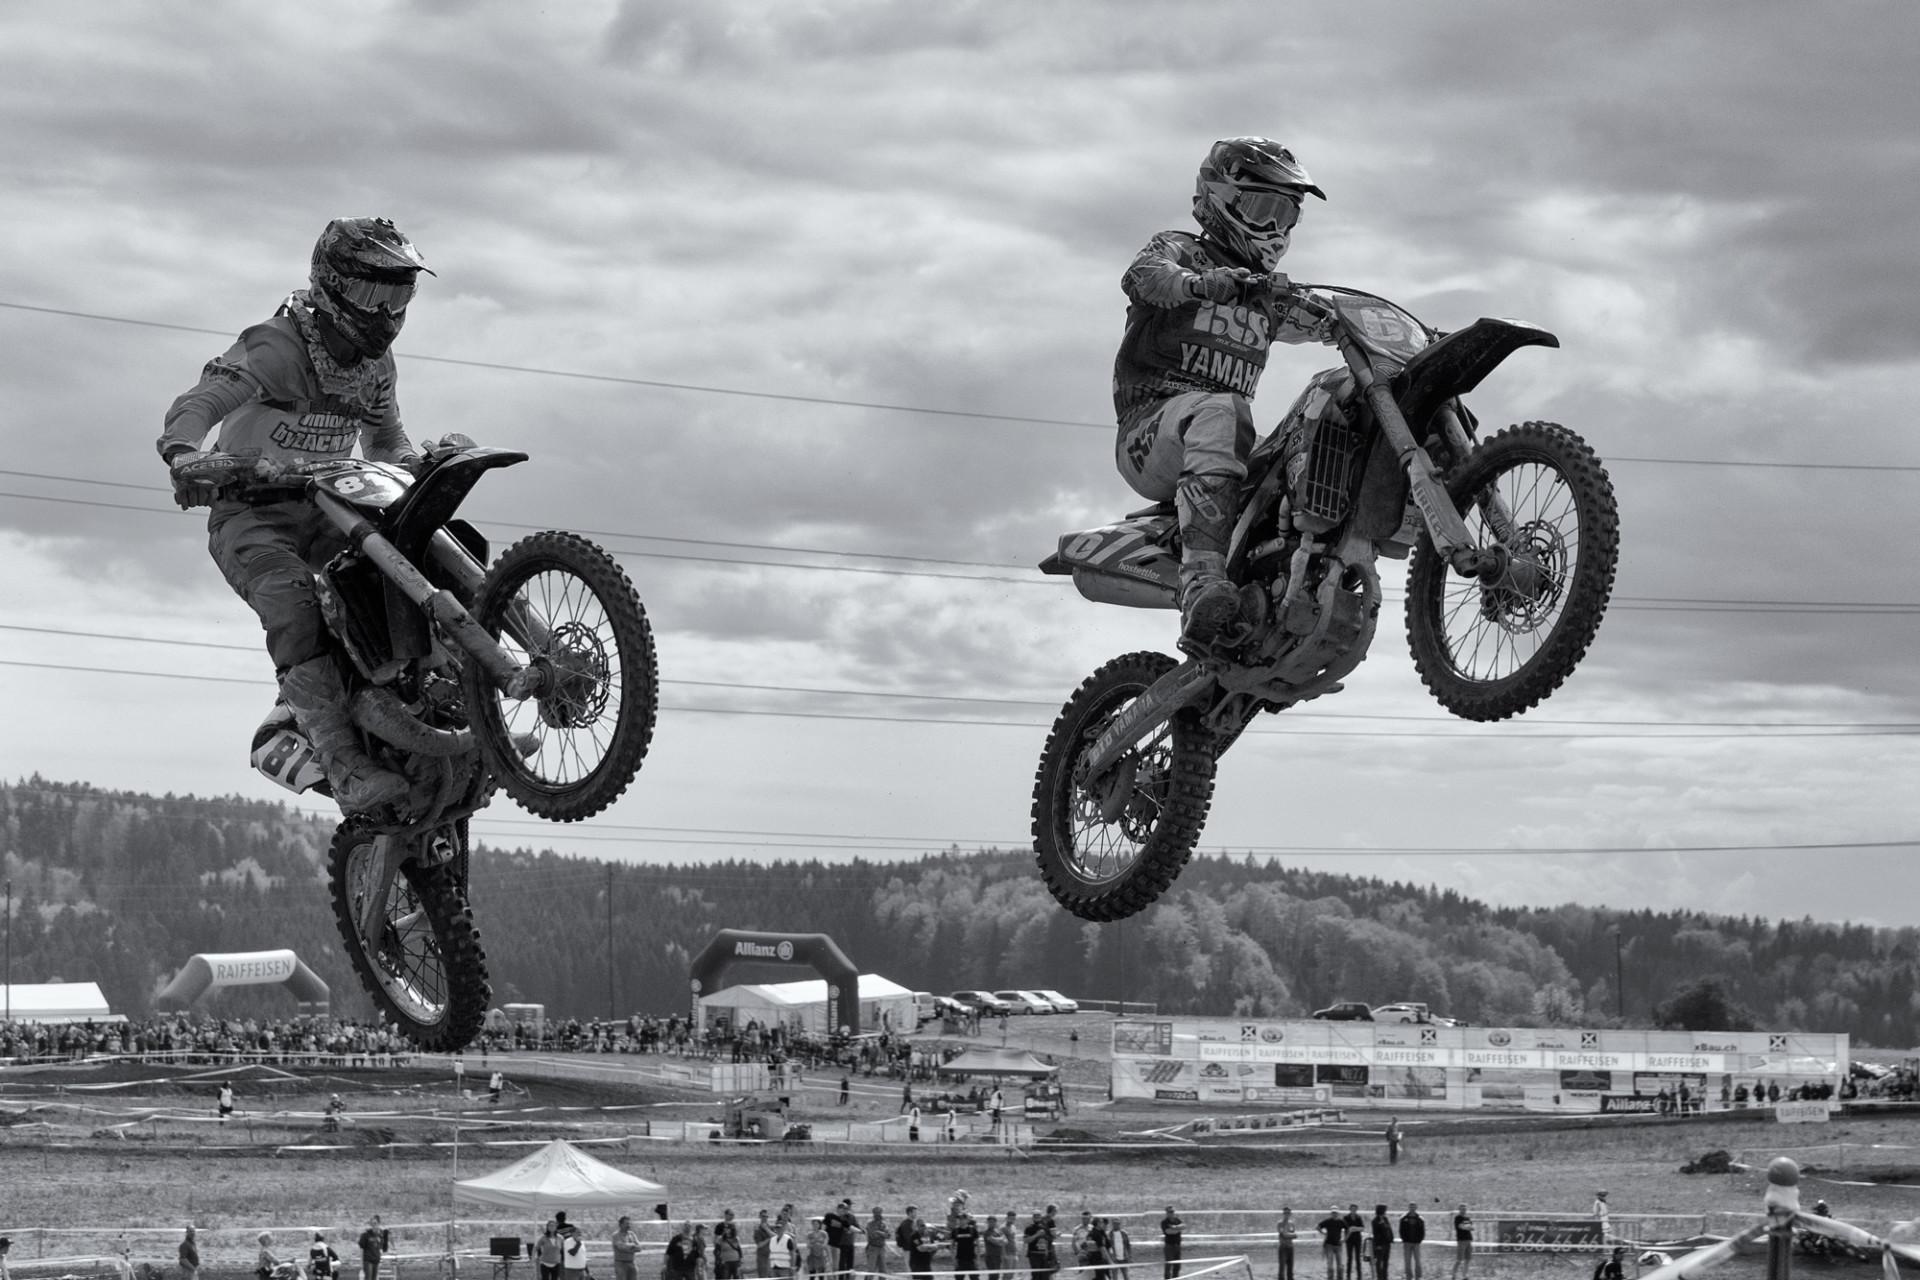 Motocross-Schlatt_20150426_2744-web